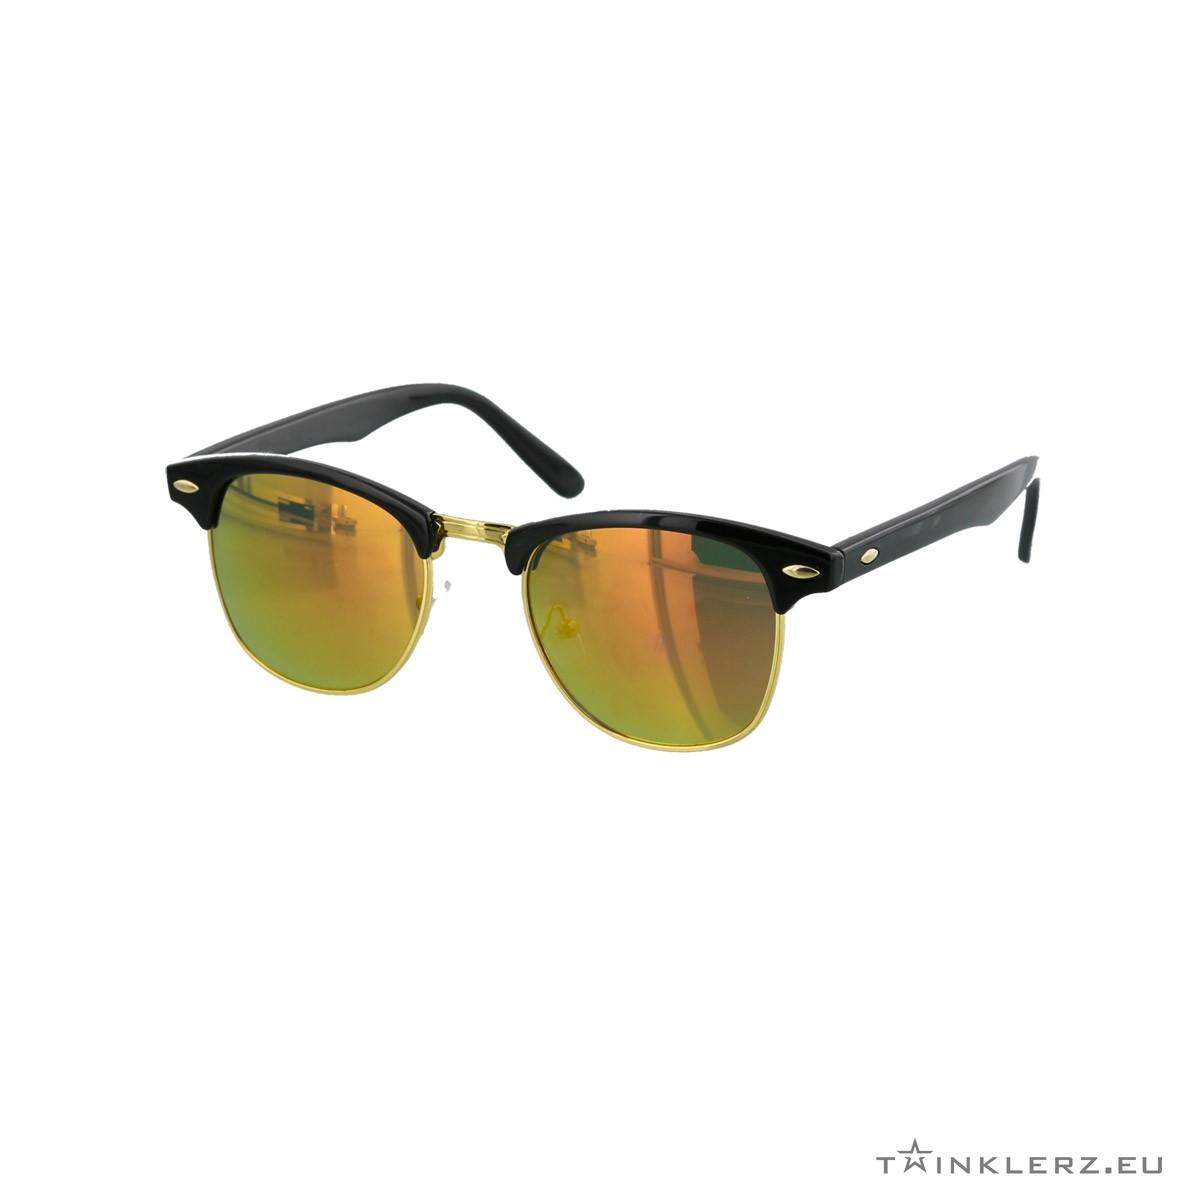 Clubmaster classic zonnebril zwart - rood, oranje spiegelglazen